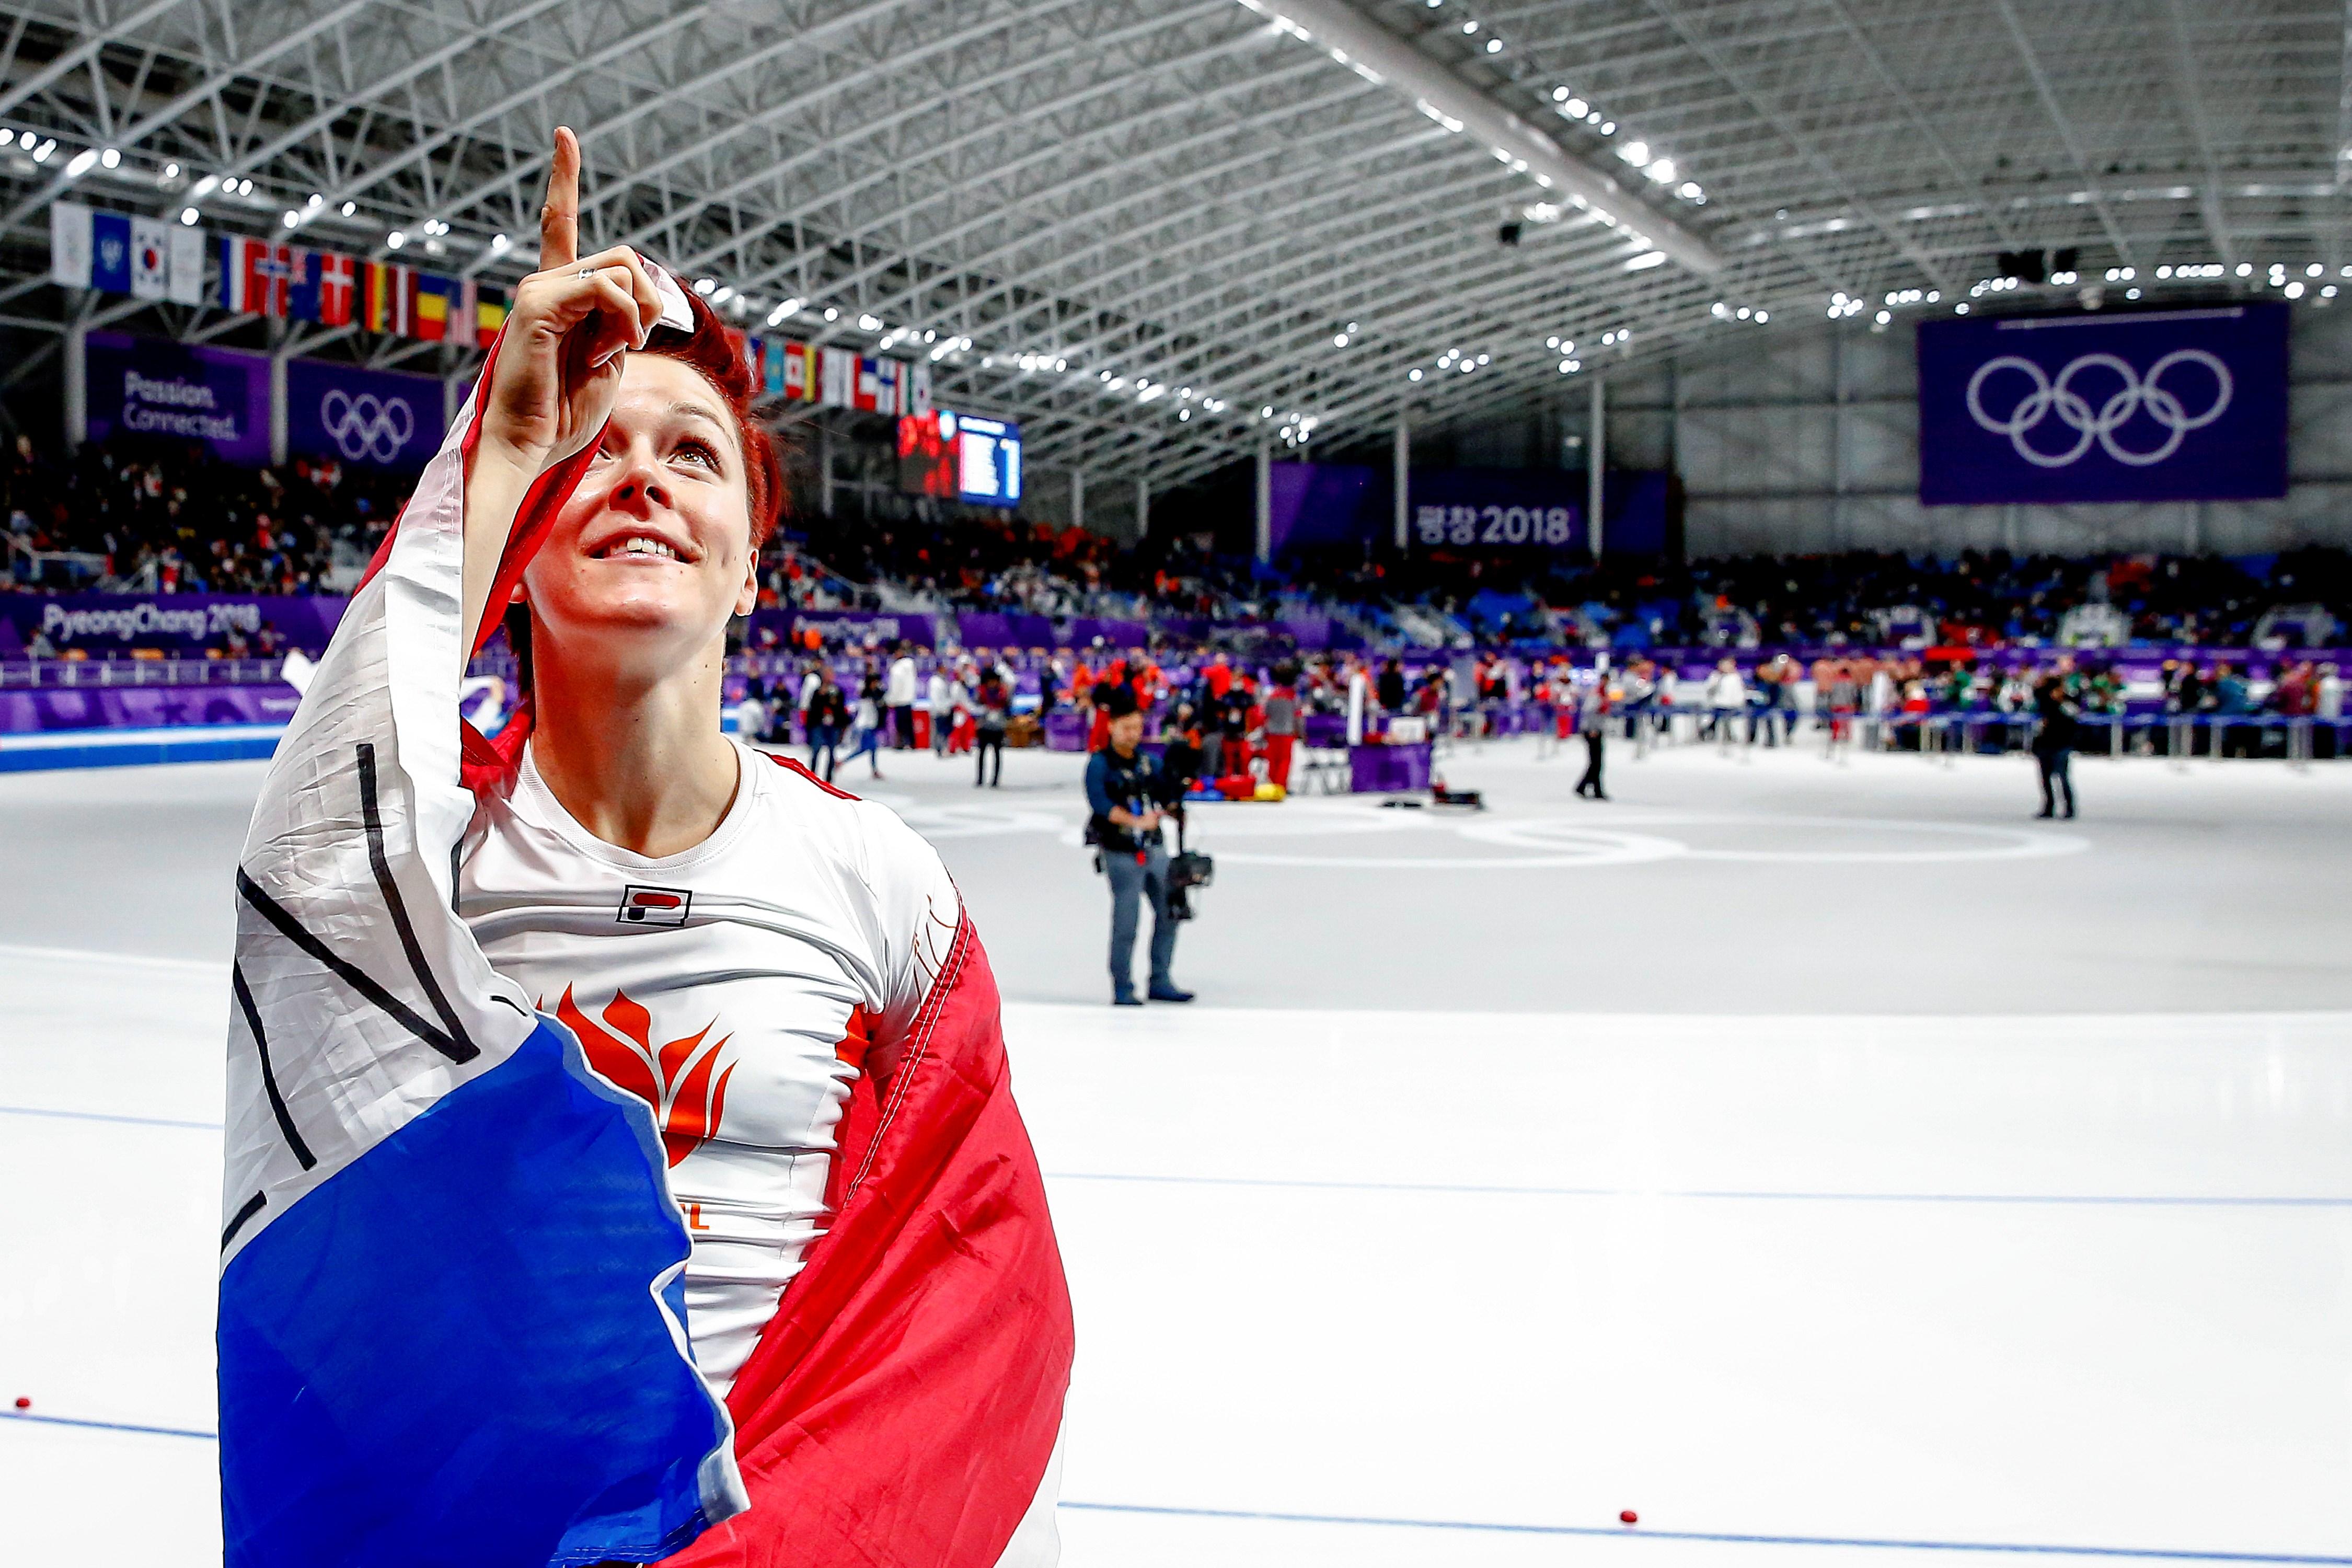 Programma Nederlanders Olympische Spelen Pyeongchang 2018